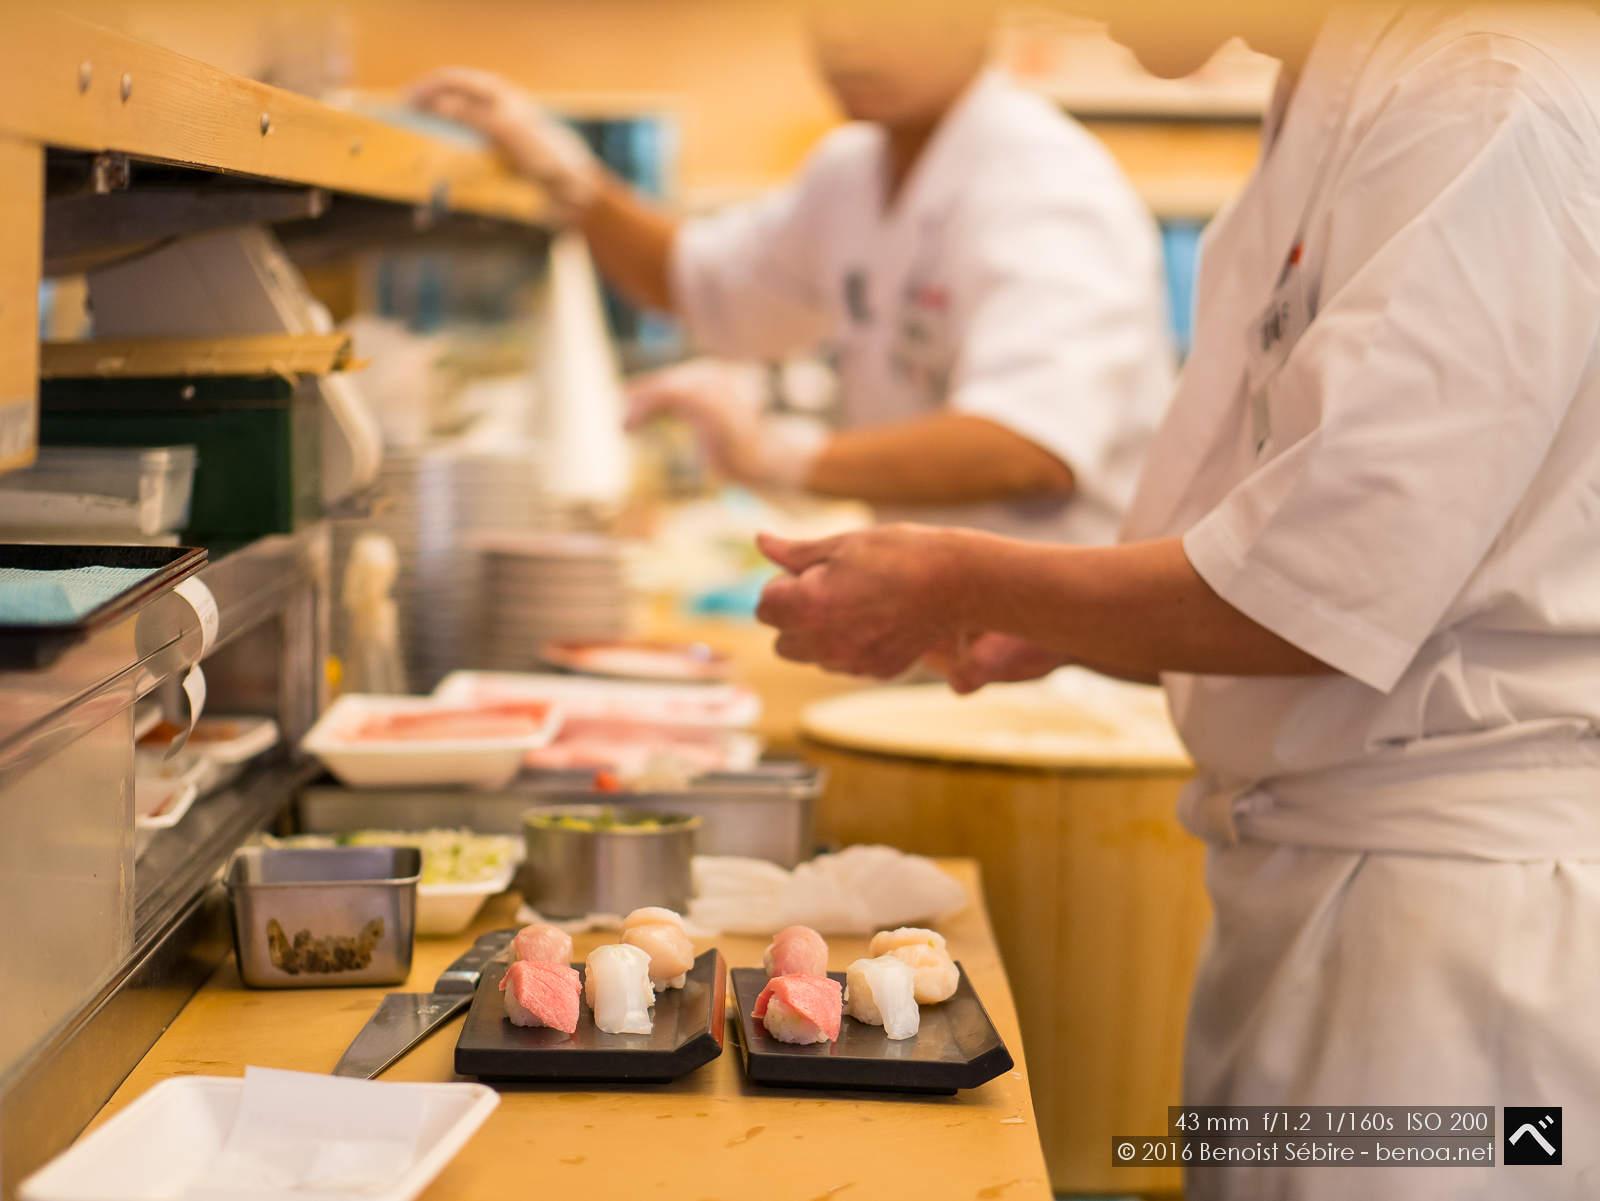 sushi-making-01